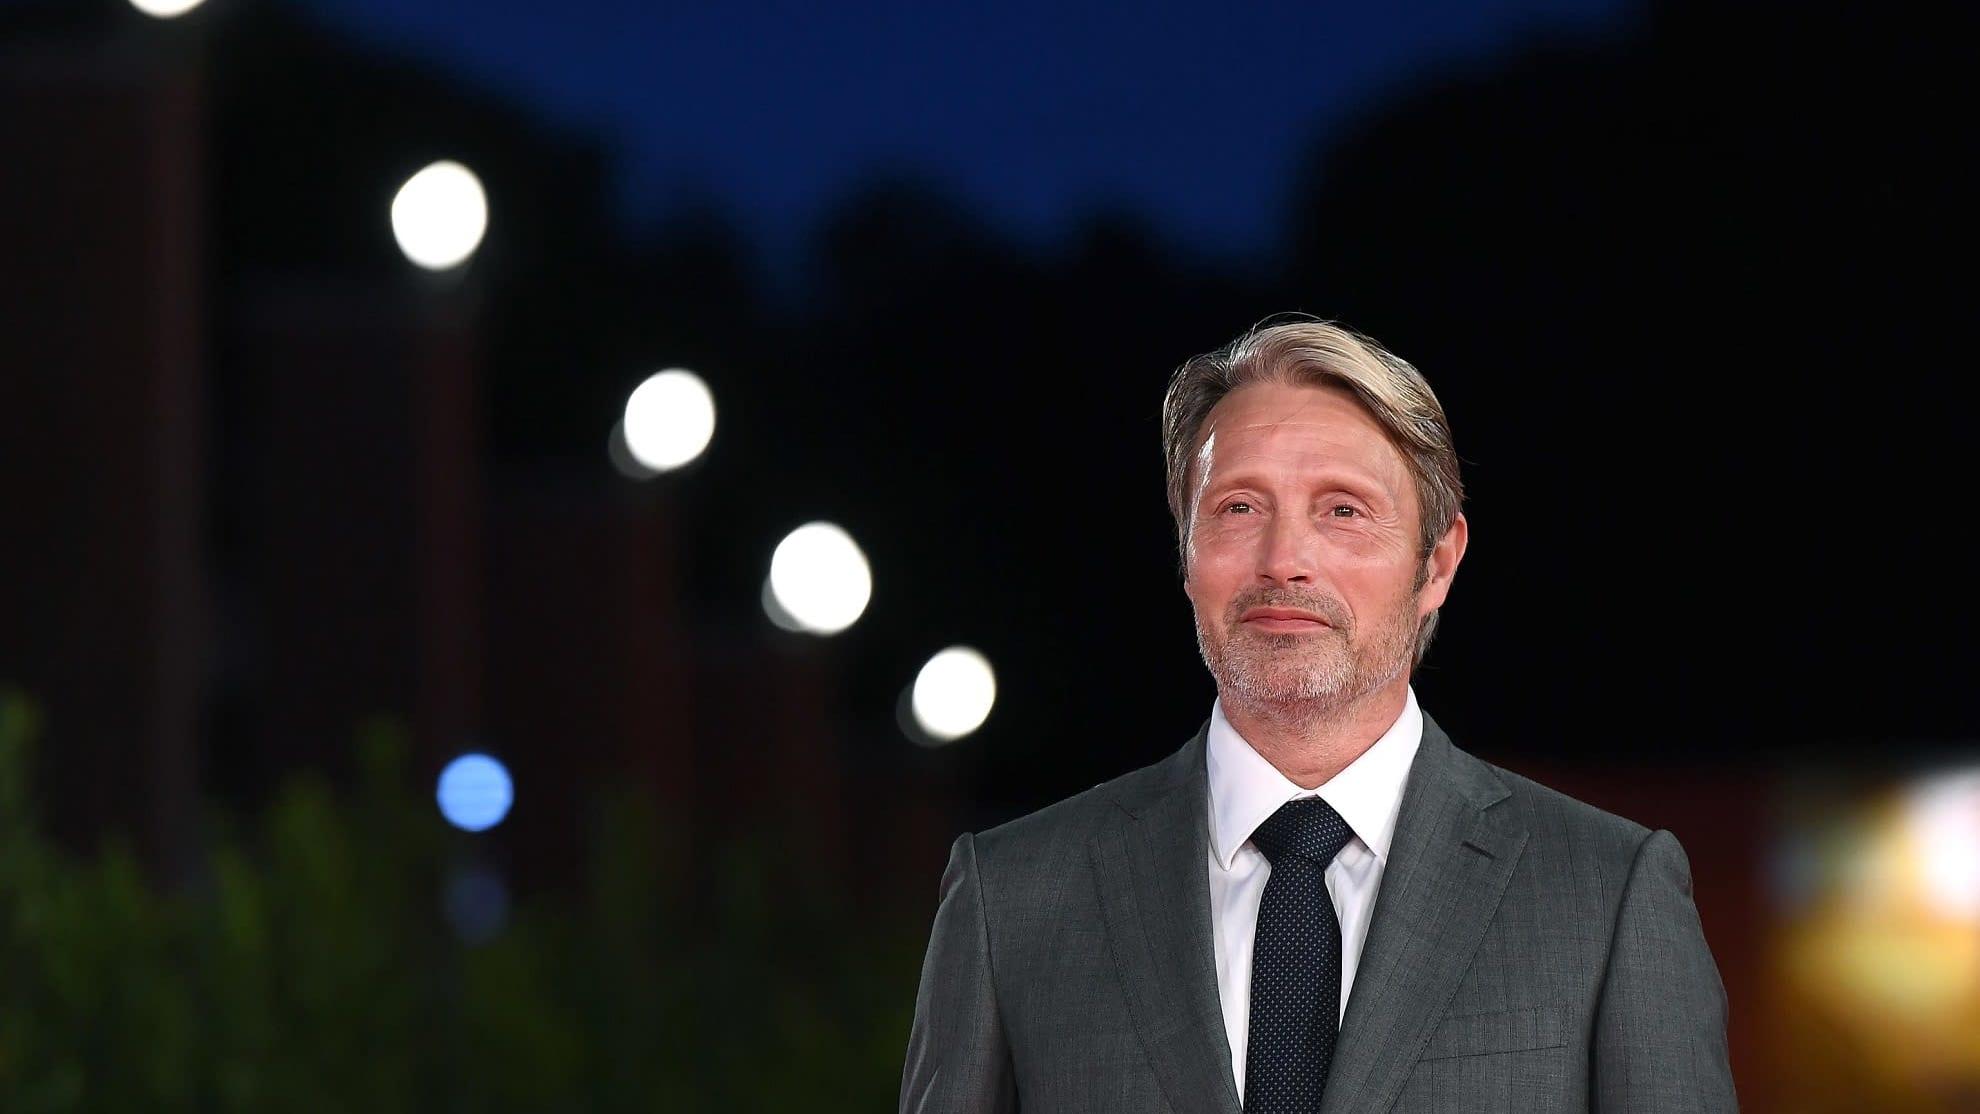 Druk-elokuvassa näytellyt Mads Mikkelsen palkittiin parhaasta miespääosasta.